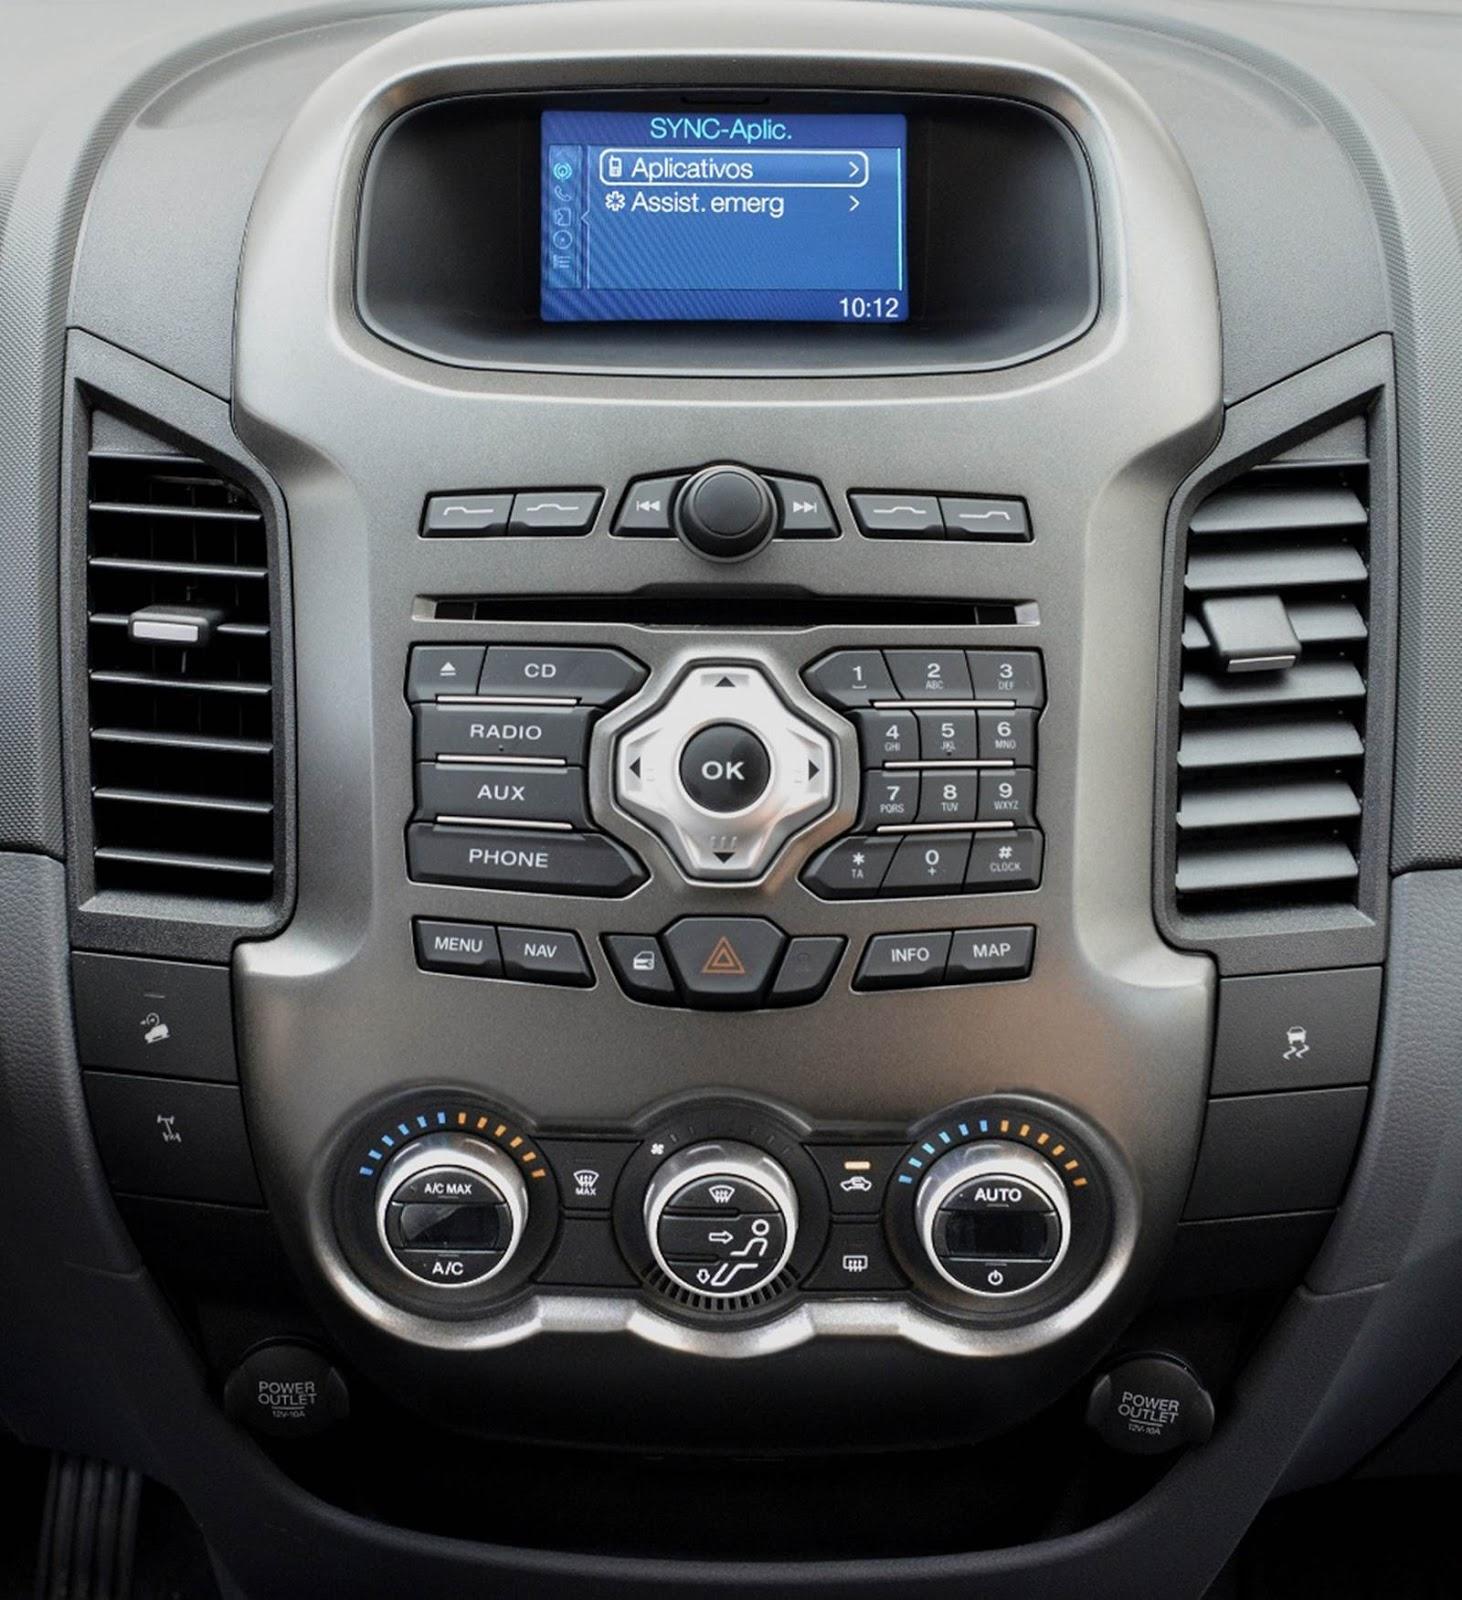 Ford Ranger 2015 Especificaes E Preos Das Verses